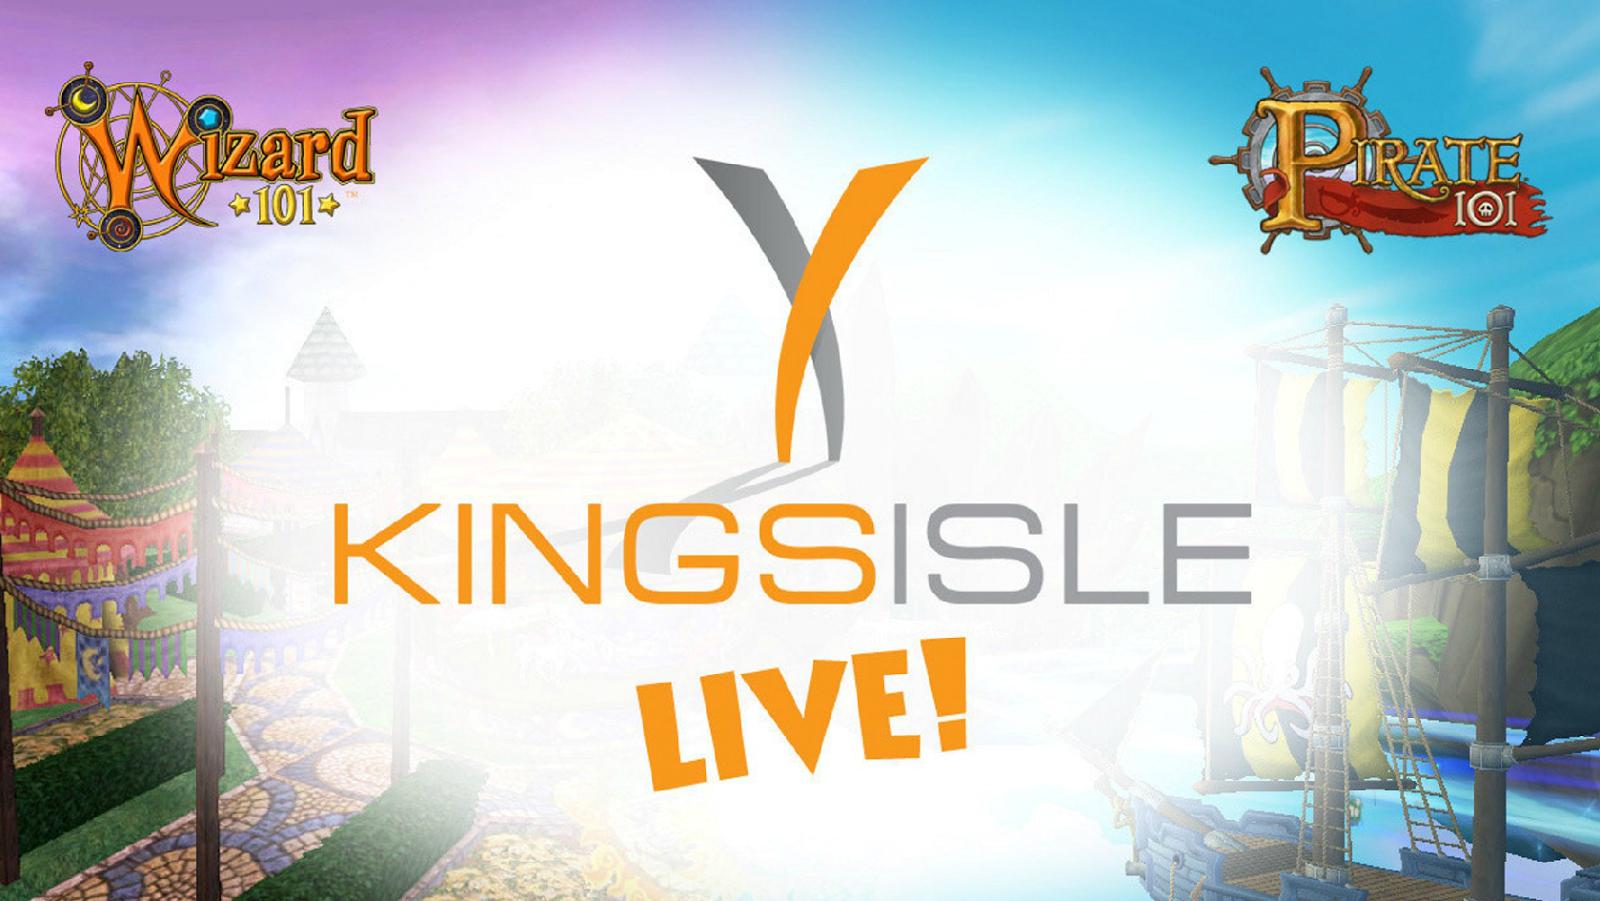 Kingsisle Live